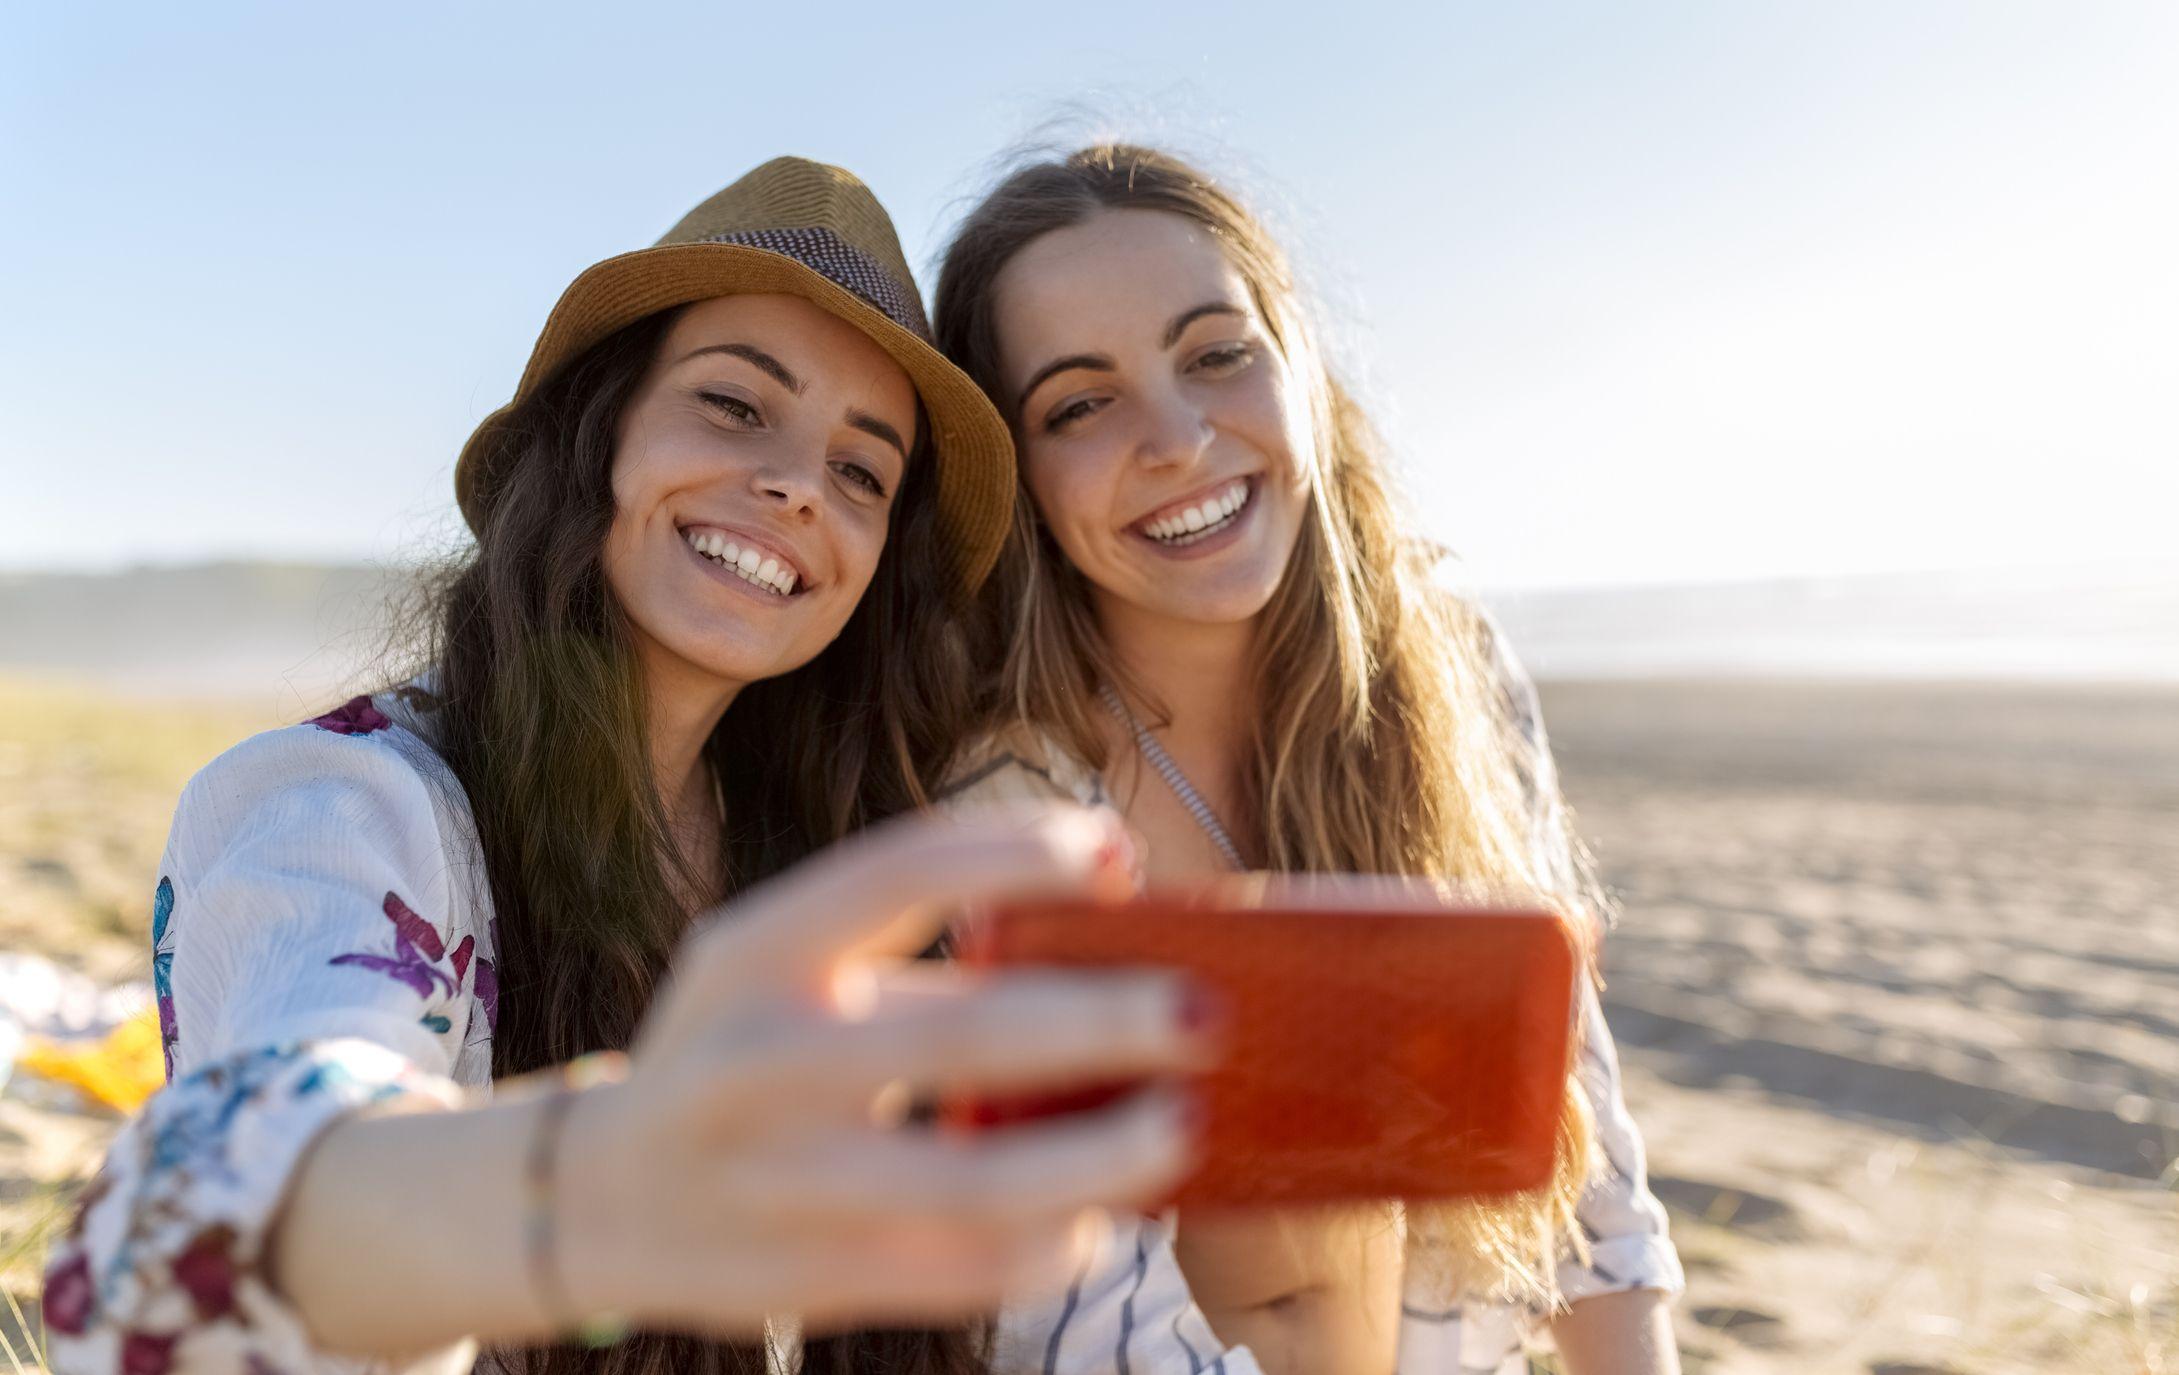 60 Best Beach Instagram Captions Captions For Beach Photos